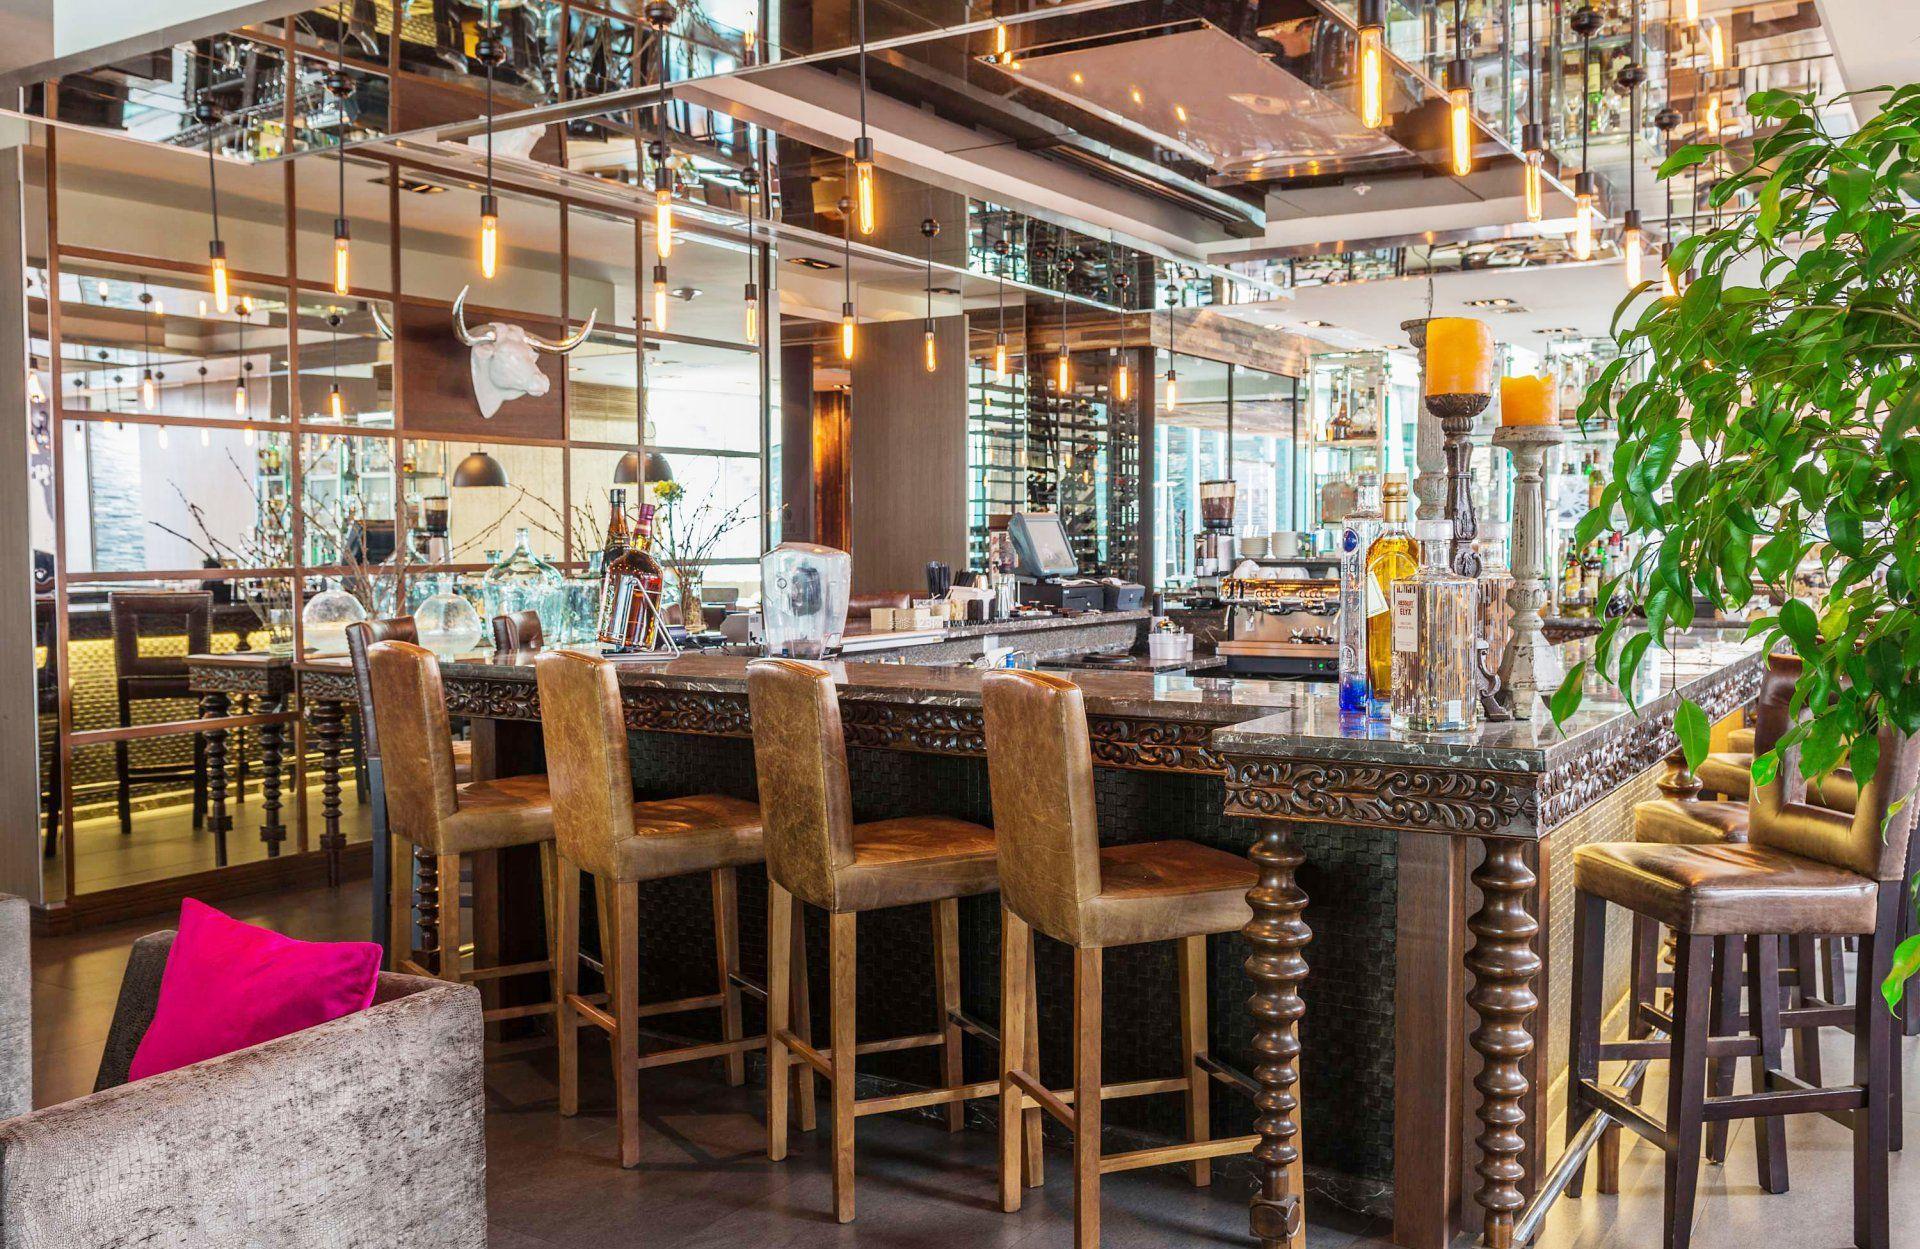 复古酒吧吧台灯泡装修效果图片